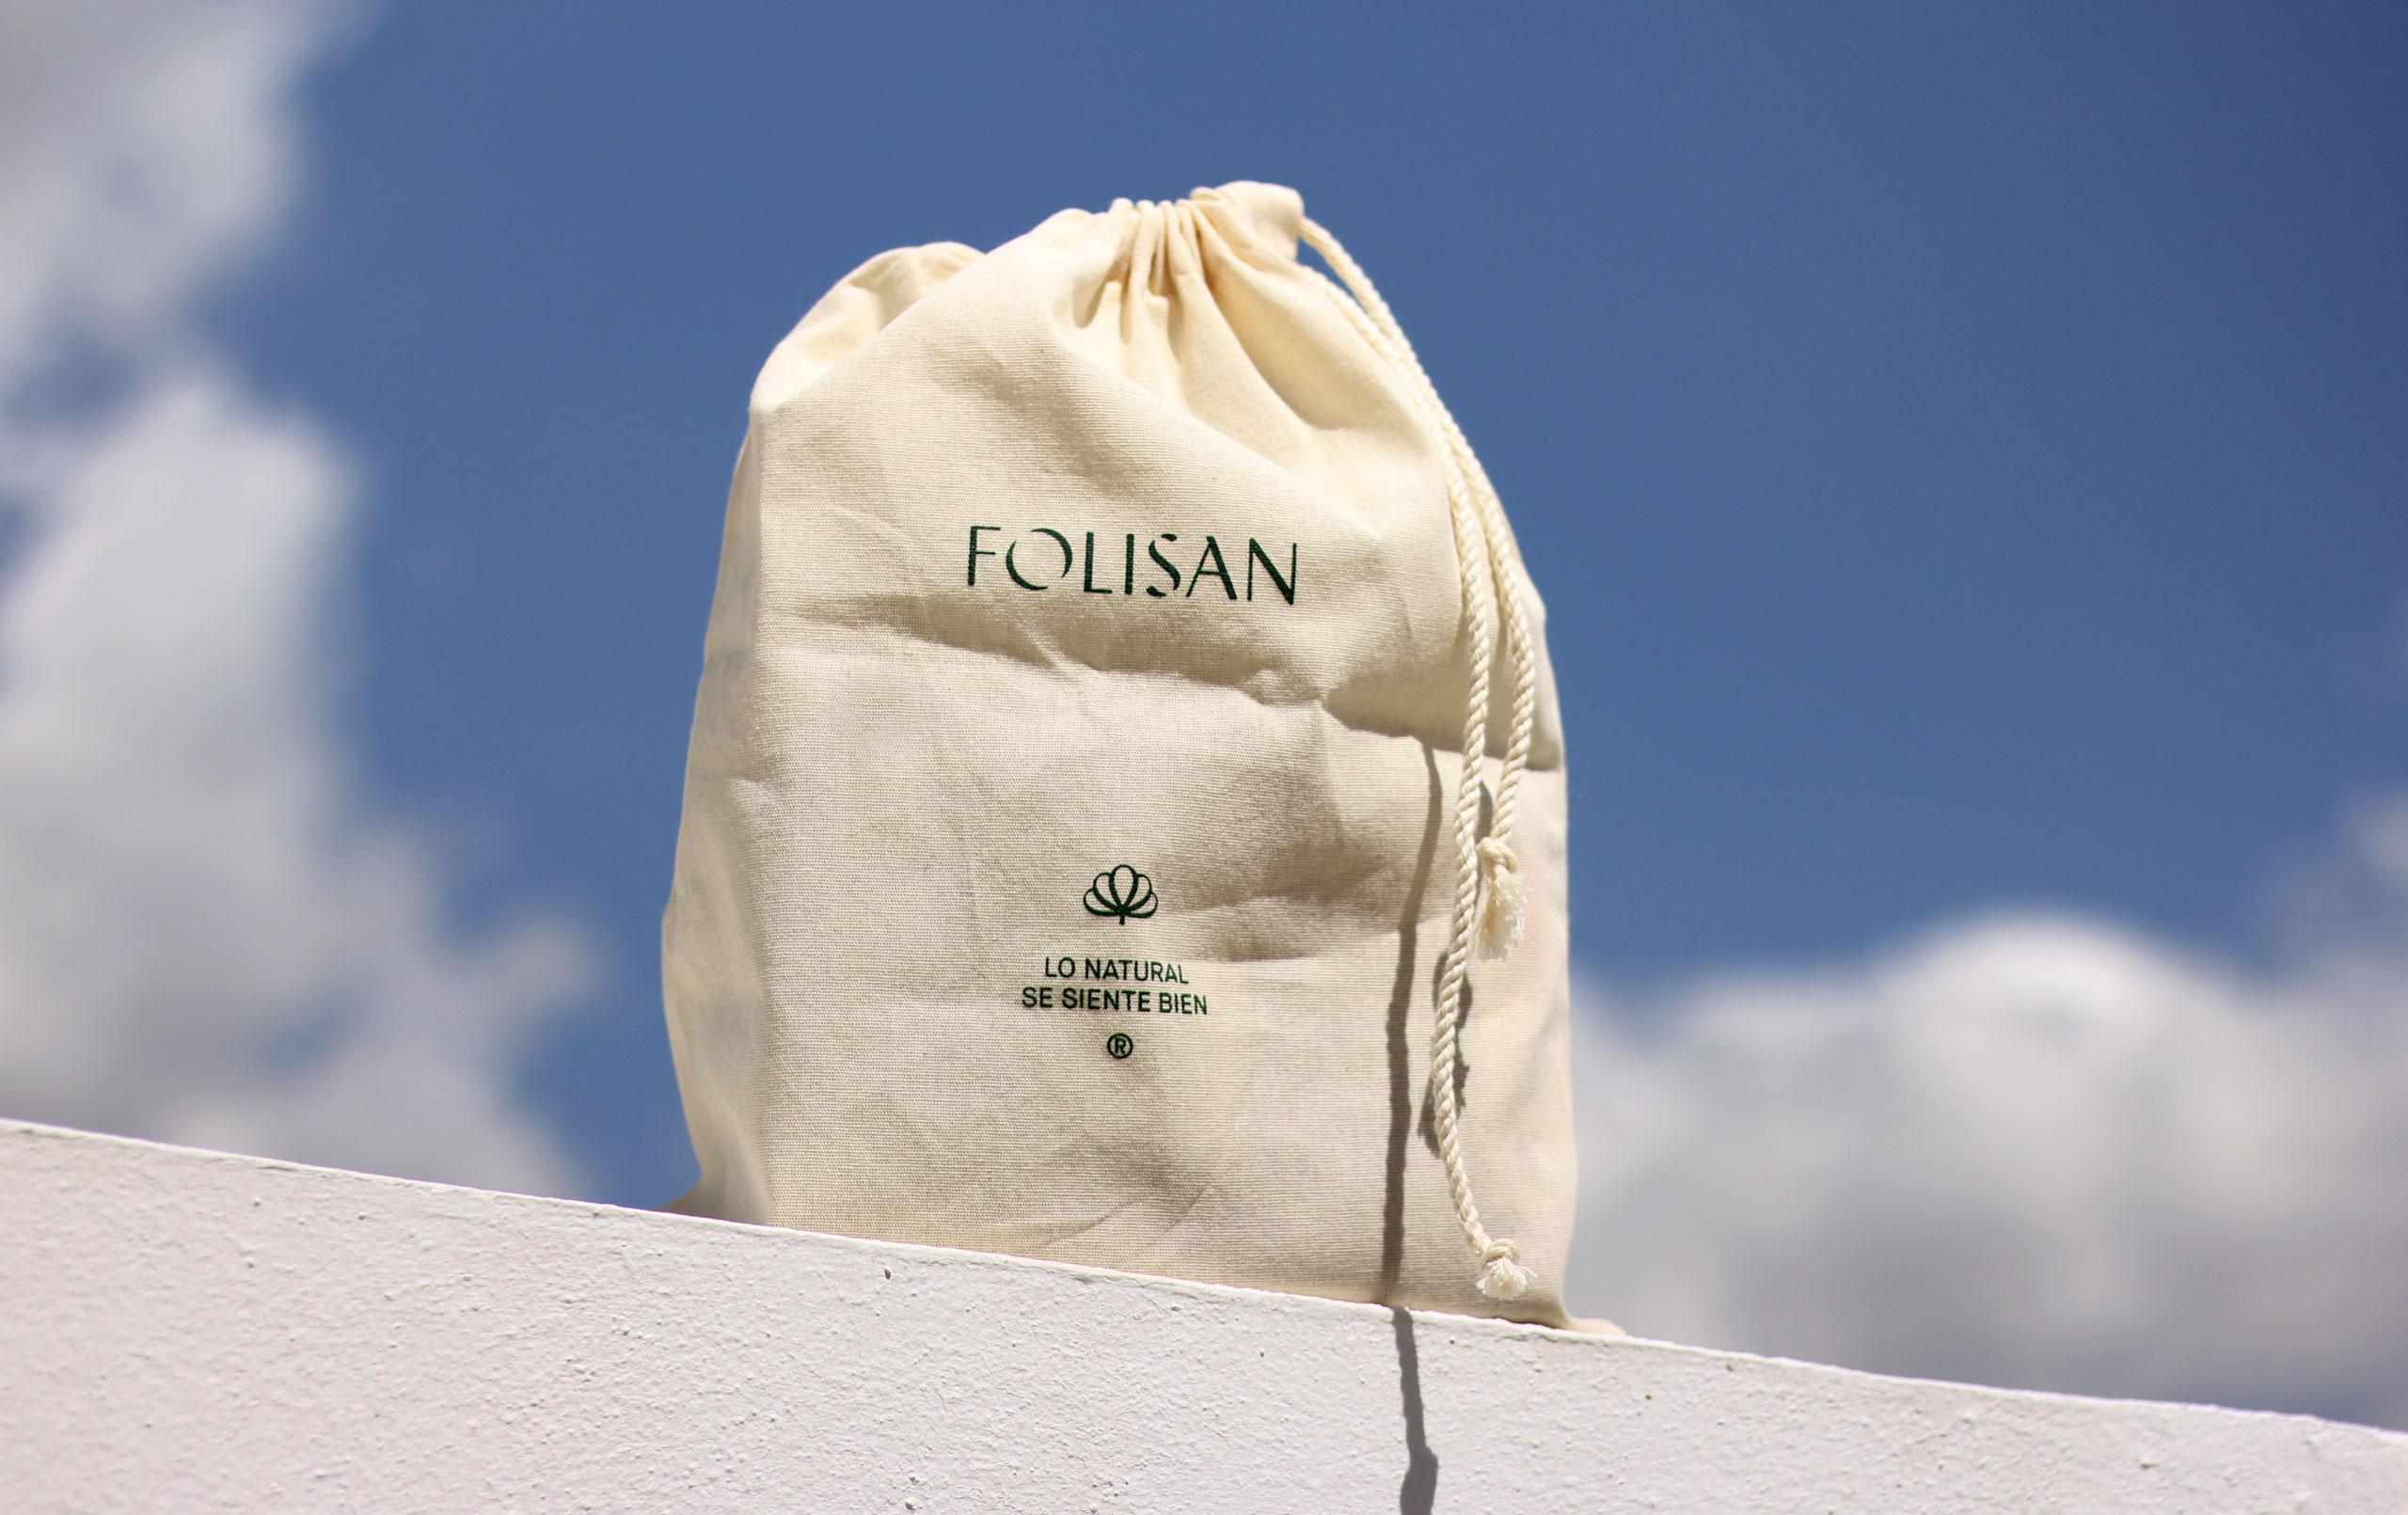 Folisan-Portafolio-06